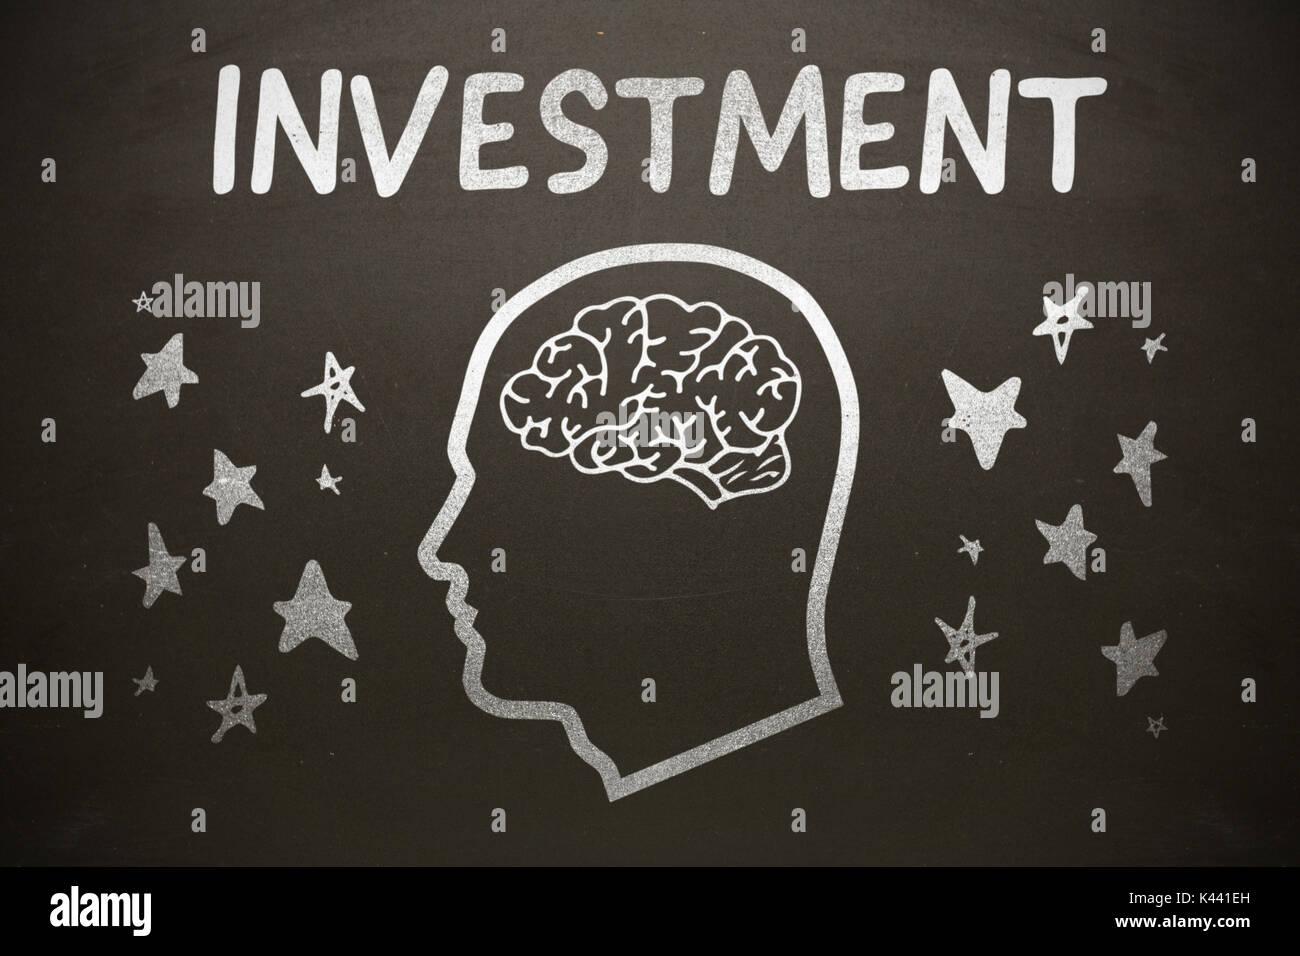 Imagen gráfica de cabeza humana con el cerebro en medio de formas de estrella a continuación texto de inversión contra la pizarra Imagen De Stock